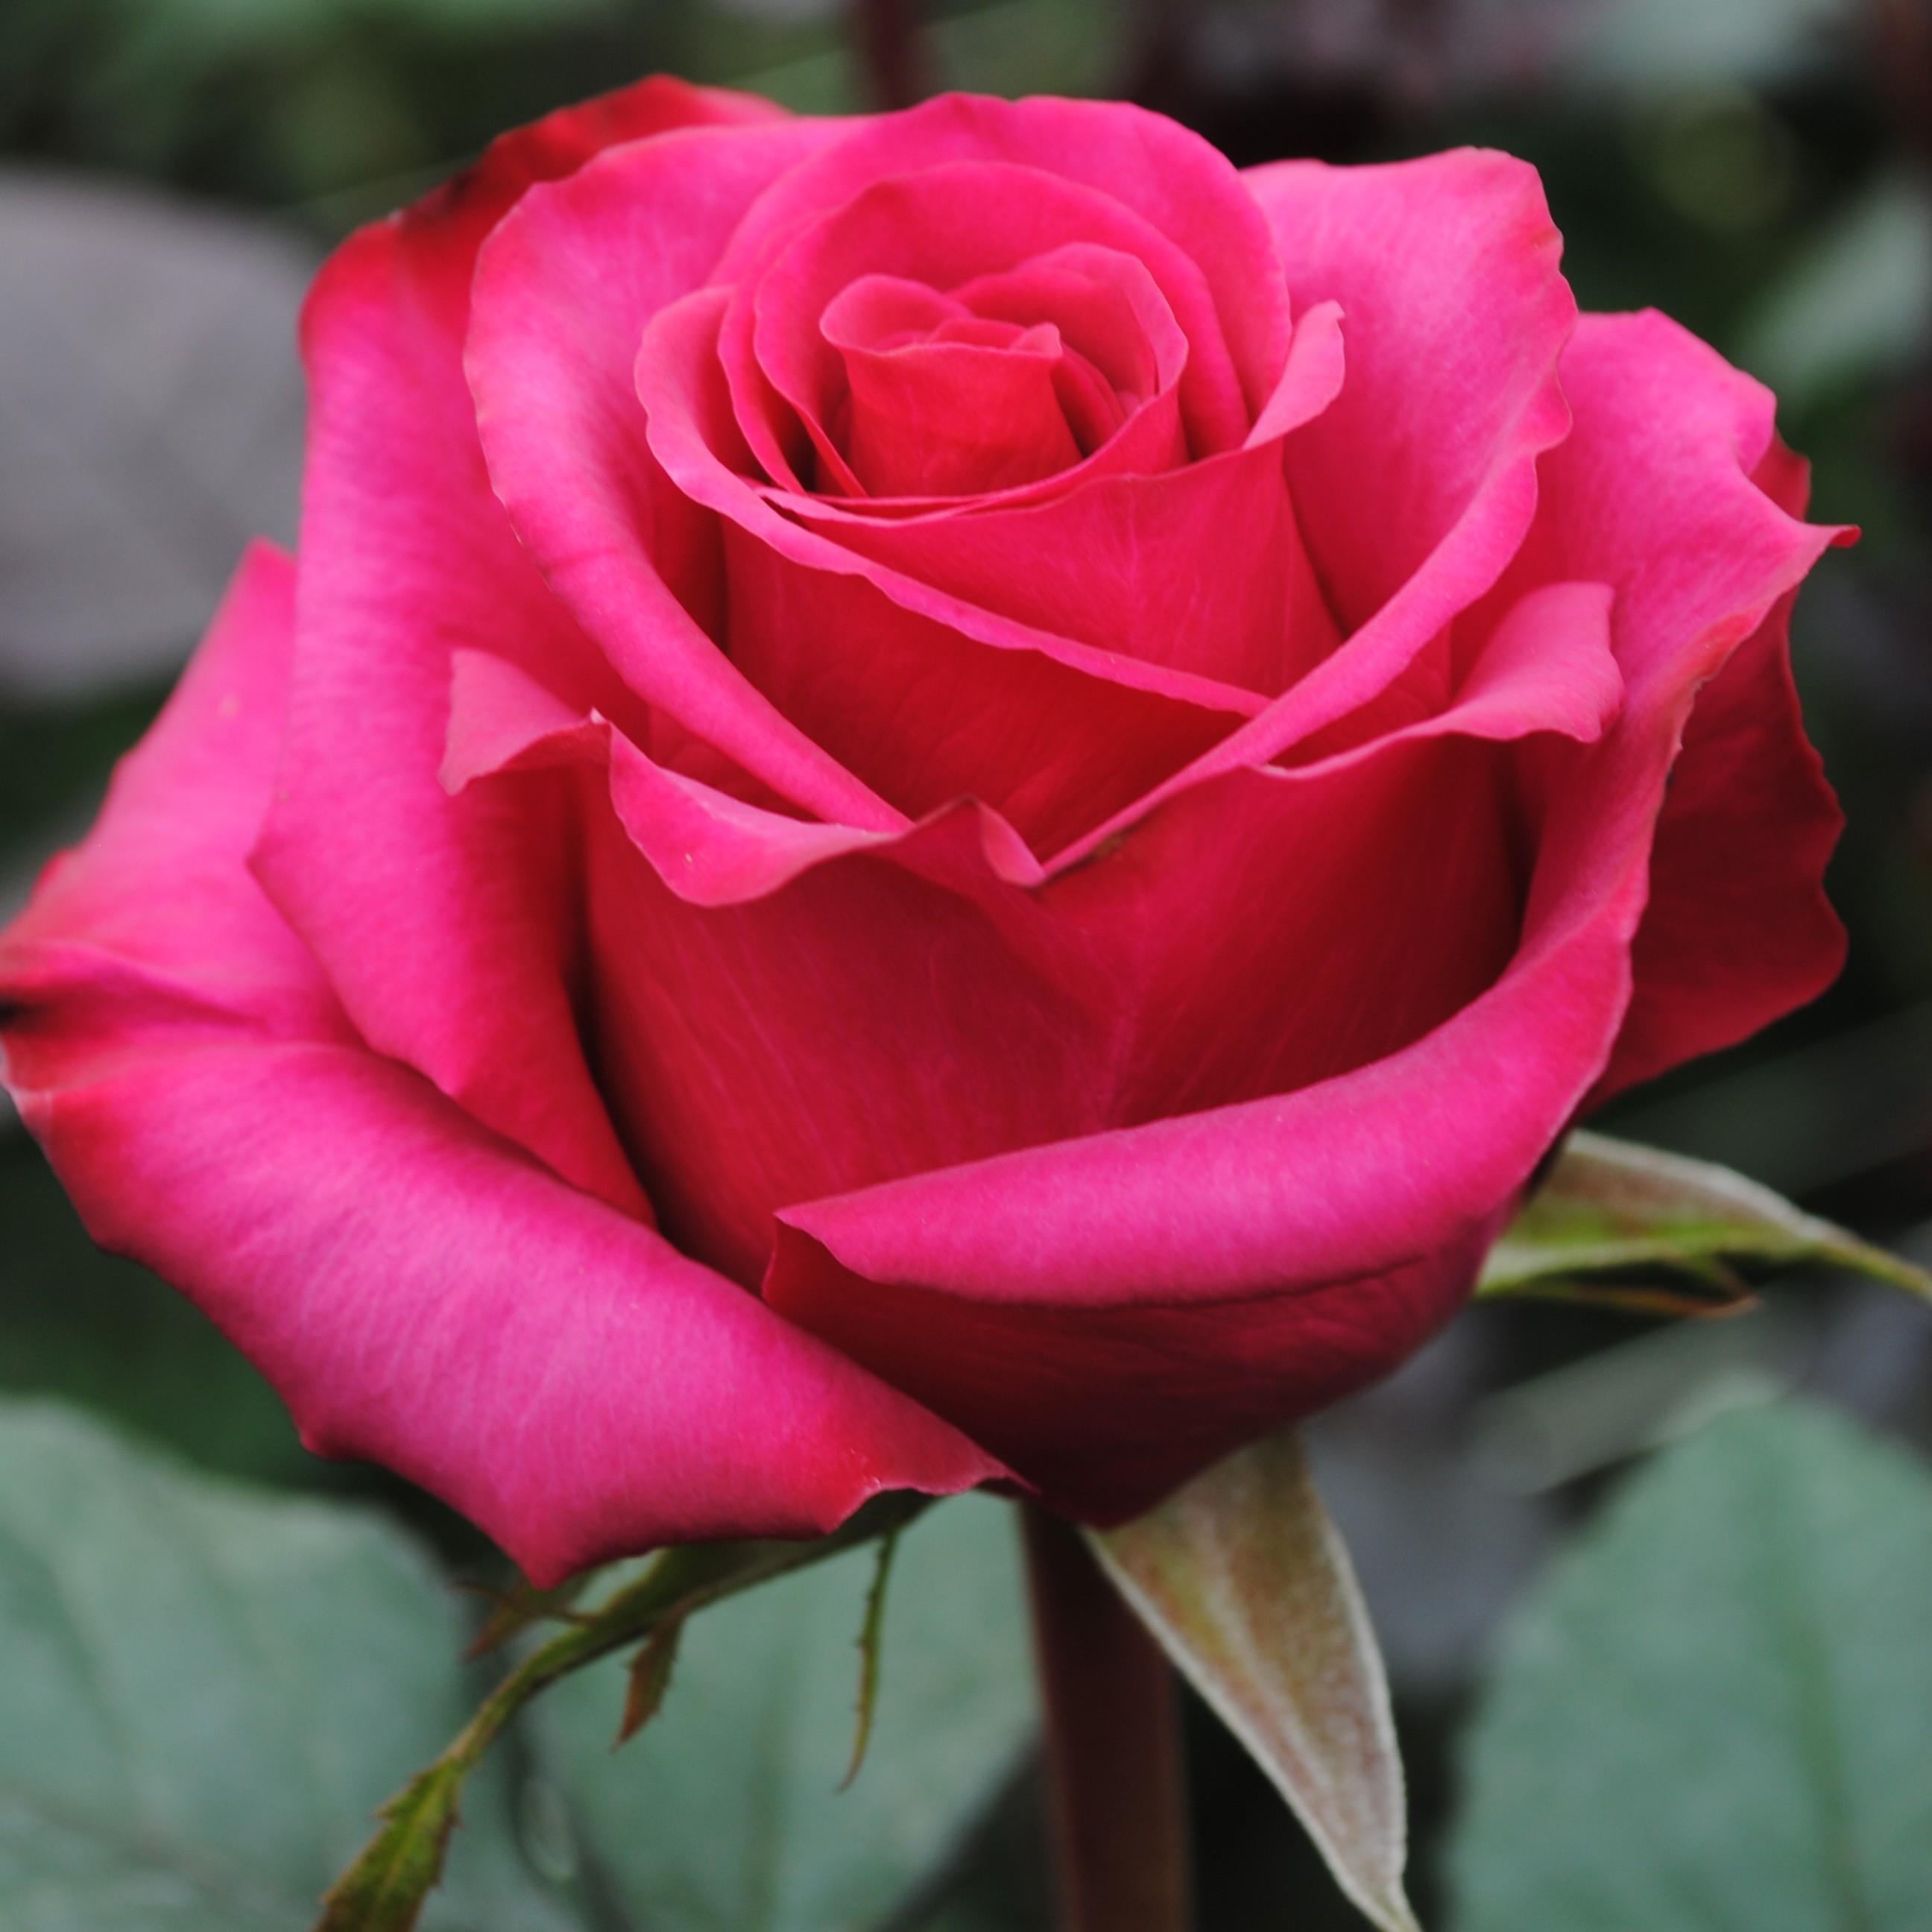 Саженец розы Равель-2: фото и описание